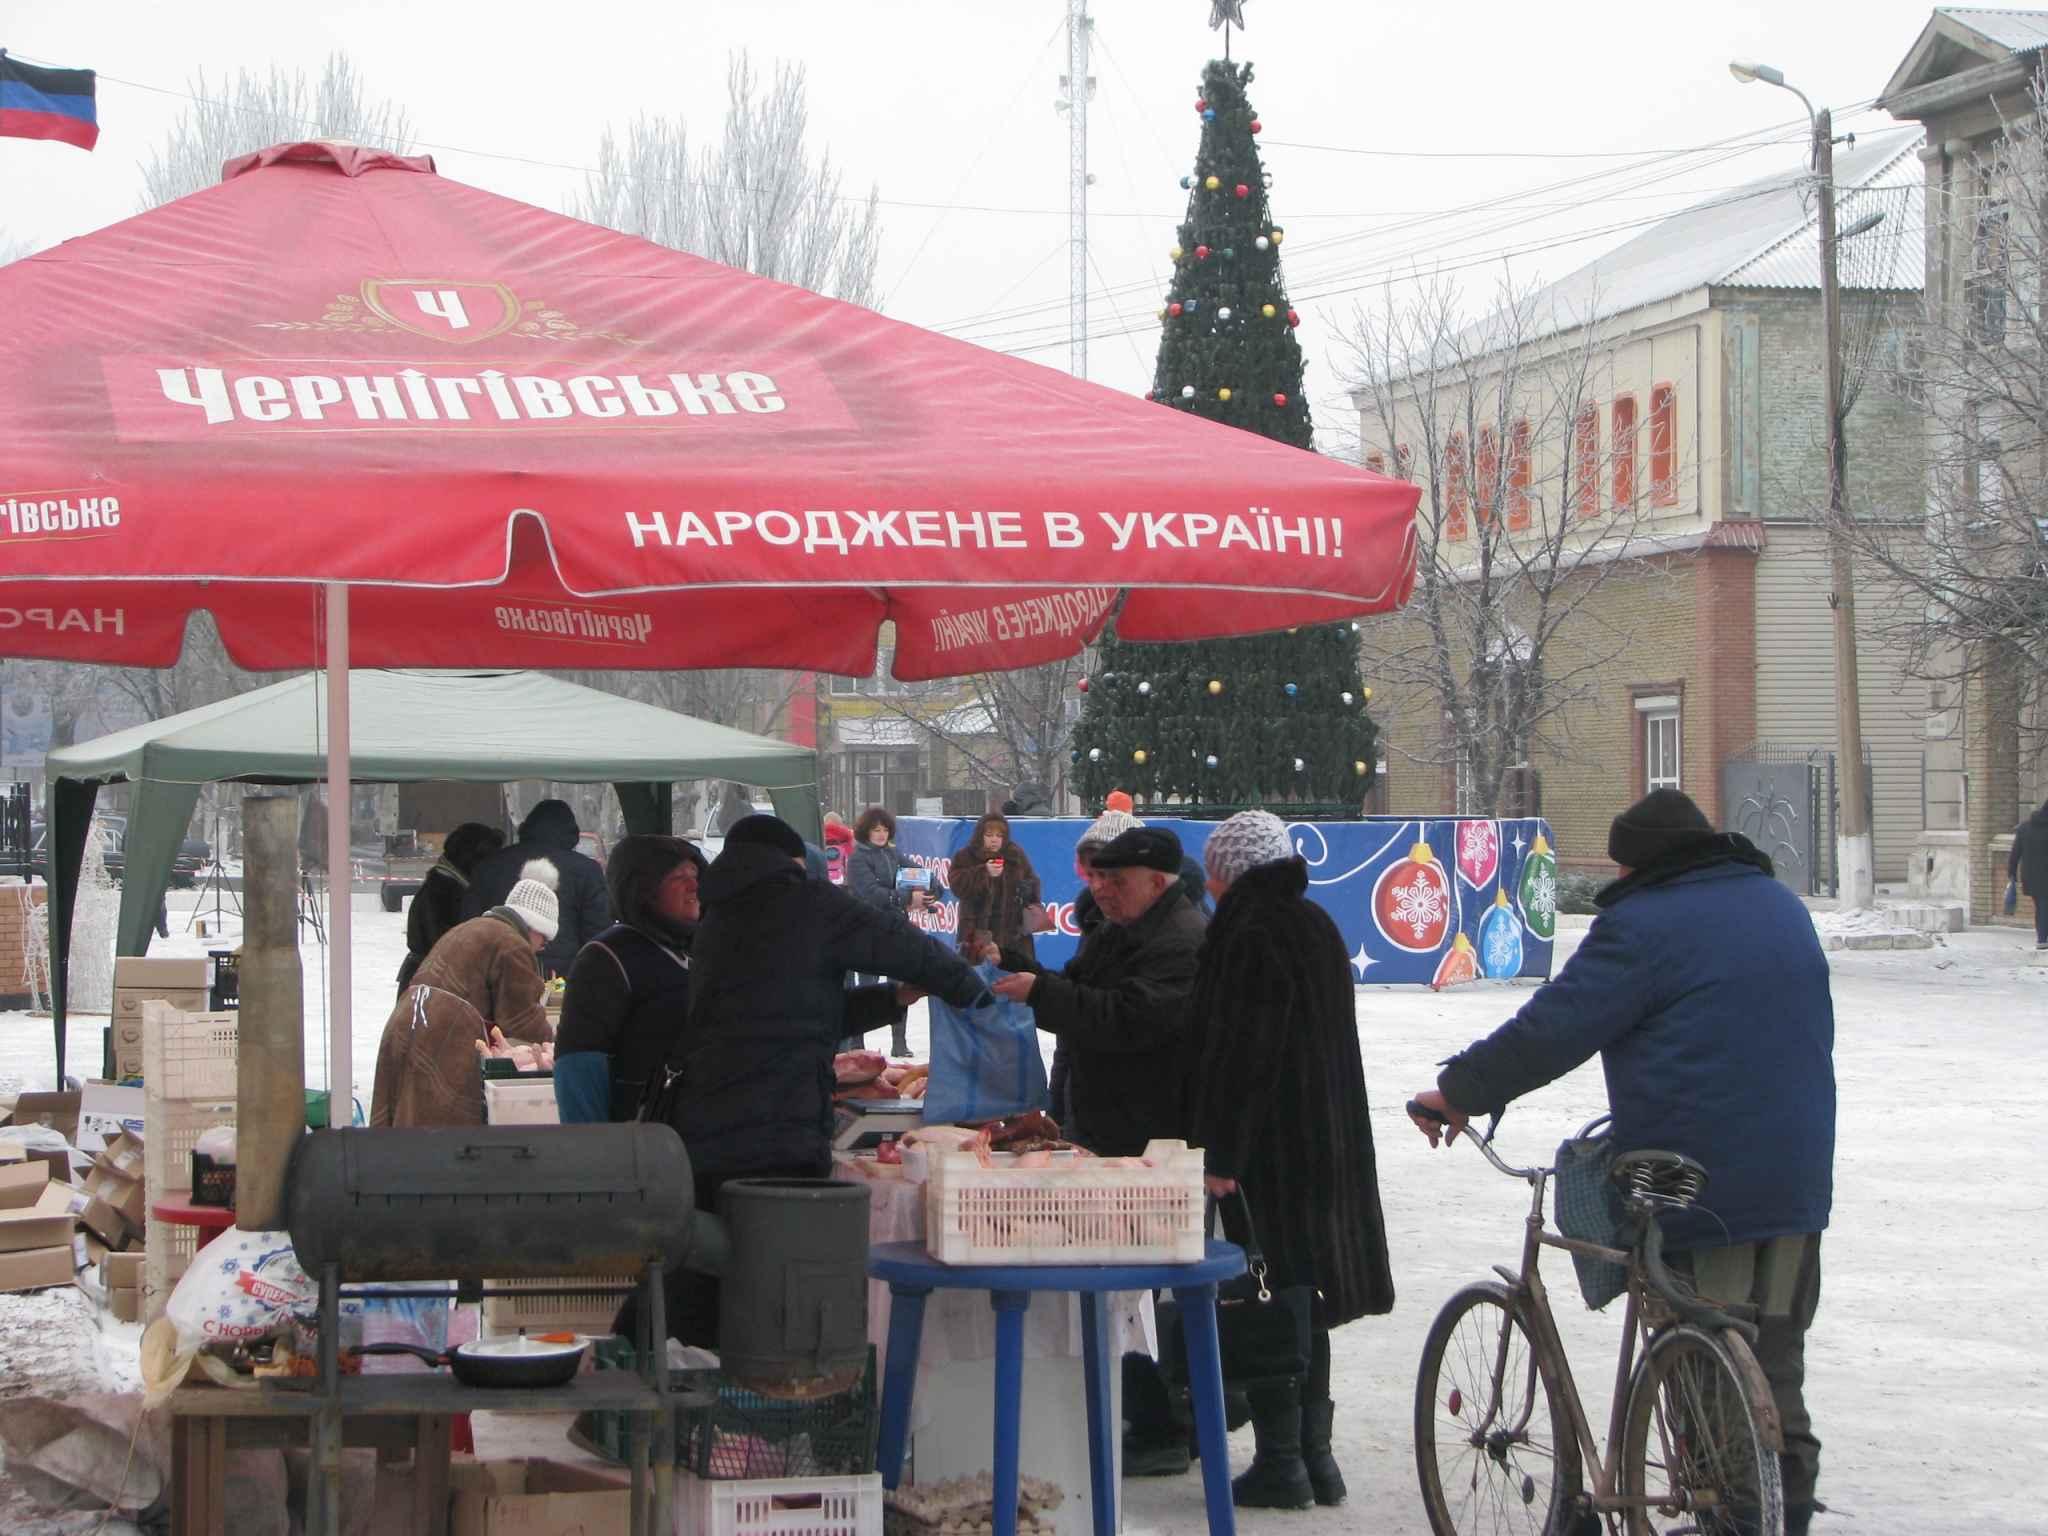 """Суровый новый год в Дебальцево: на полупустую площадь людей """"заманивали колбасой"""" - кадры"""